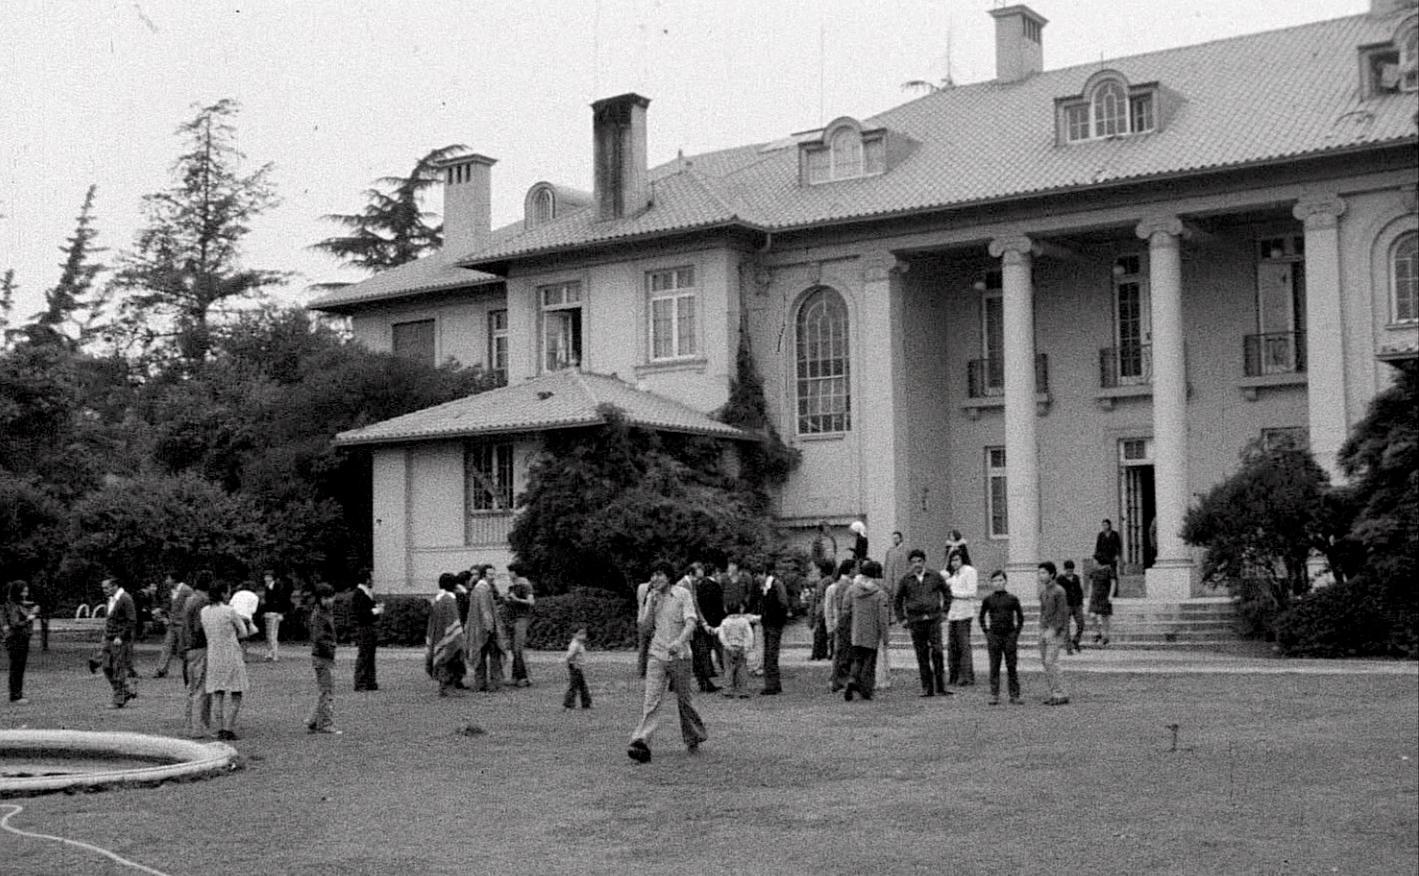 Santiago_Italia_L_ambasciata_di_Santiago_del_Cile__c_Sacher_Film.jpg